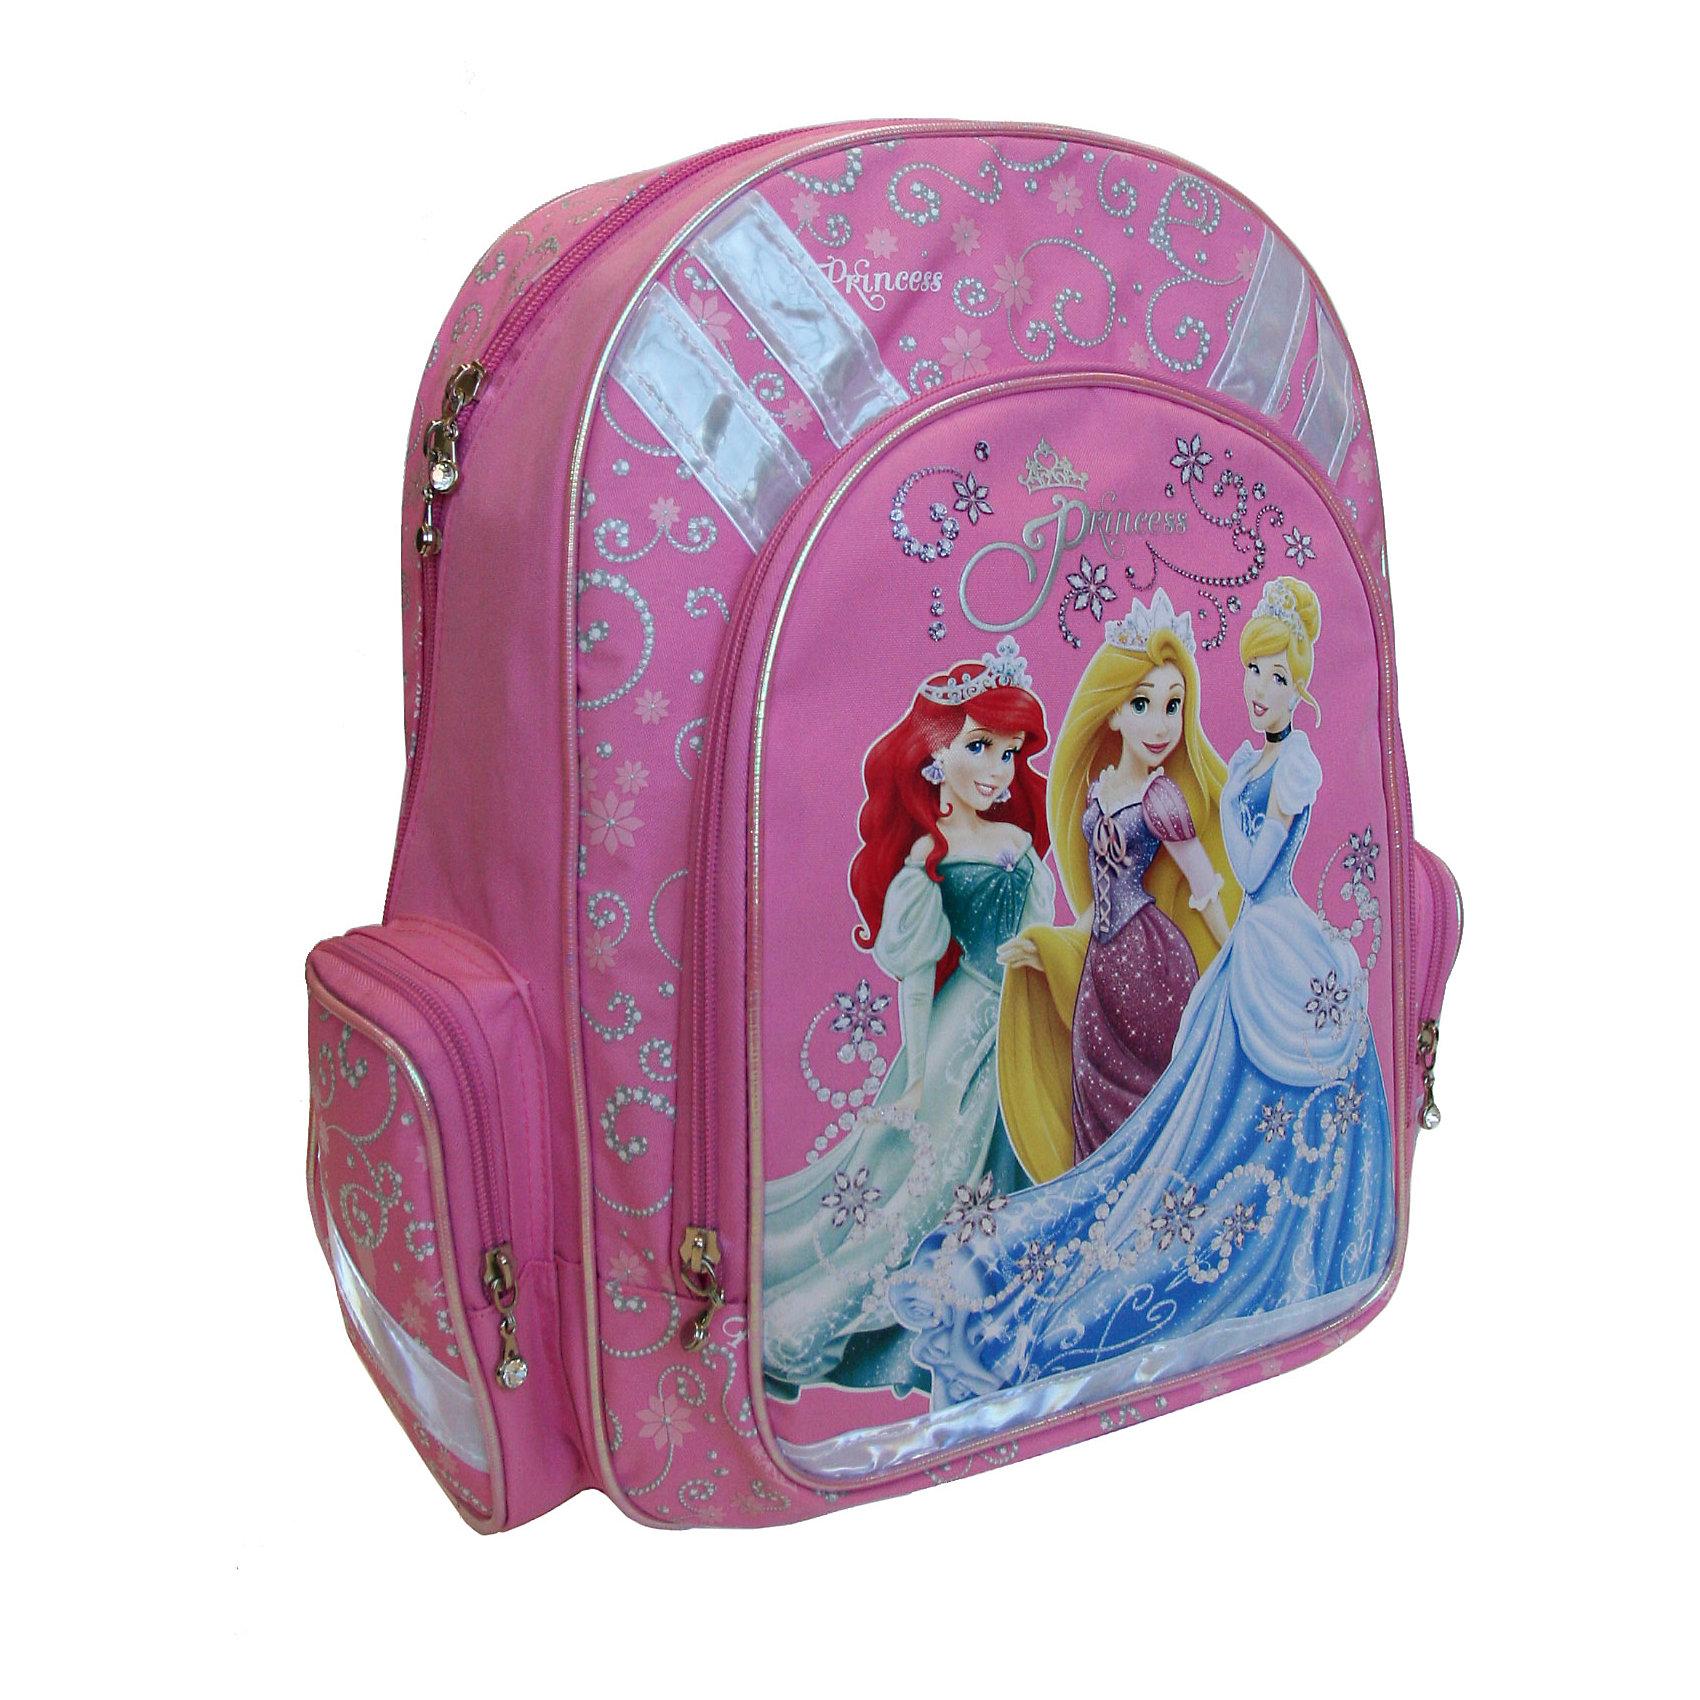 Рюкзак с эргономичной EVA-спинкой, Принцессы ДиснейПринцессы Дисней<br>Рюкзак с эргономичной EVA-спинкой, Disney Princess (Принцессы Диснея) - это максимально удобный и функциональный рюкзак.<br>Спинка рюкзака Disney Princess сделана из высокотехнологичного водонепроницаемого упругого материала (EVA), анатомически расположенные поролоновые вставки и специальная сетка для воздухообмена обеспечивают максимальный комфорт. Увеличенная ширина лямок позволяет снизить нагрузку на надплечье. Регулируемая длина гарантирует, что рюкзак подойдет ребенку любого роста. Высокотехнологичный водонепроницаемый упругий материал, поролон и специальная сетка для воздухообмена обеспечивают максимальный комфорт. Удобная ручка позволяет переносить рюкзак в руках. Светоотражающие элементы на лямках и корпусе рюкзака делают ребенка более заметным для водителей, и повышают безопасность ребенка на дороге. Карманы: вместительный наружный карман на молнии предназначен для предметов средних и крупных размеров, два боковых кармана на молнии предназначены для предметов мелких размеров. Основной отдел на молнии имеет 3 отделения и может размещать изделия размером до А4 формата включительно, без сложений. Дно укреплено пластиковой вставкой-трансформером, что позволяет быстро и удобно изменять размеры рюкзака. Изготовлен рюкзак из износостойкого и влагоизоляционного материала.<br><br>Дополнительная информация:<br><br>- Материал: полиэстер<br>- Размер: 38х29х13 см.<br>- Вес: 735 гр.<br><br>Рюкзак с эргономичной EVA-спинкой, Disney Princess можно купить в нашем интернет-магазине.<br><br>Ширина мм: 380<br>Глубина мм: 290<br>Высота мм: 130<br>Вес г: 735<br>Возраст от месяцев: 72<br>Возраст до месяцев: 84<br>Пол: Женский<br>Возраст: Детский<br>SKU: 3563275